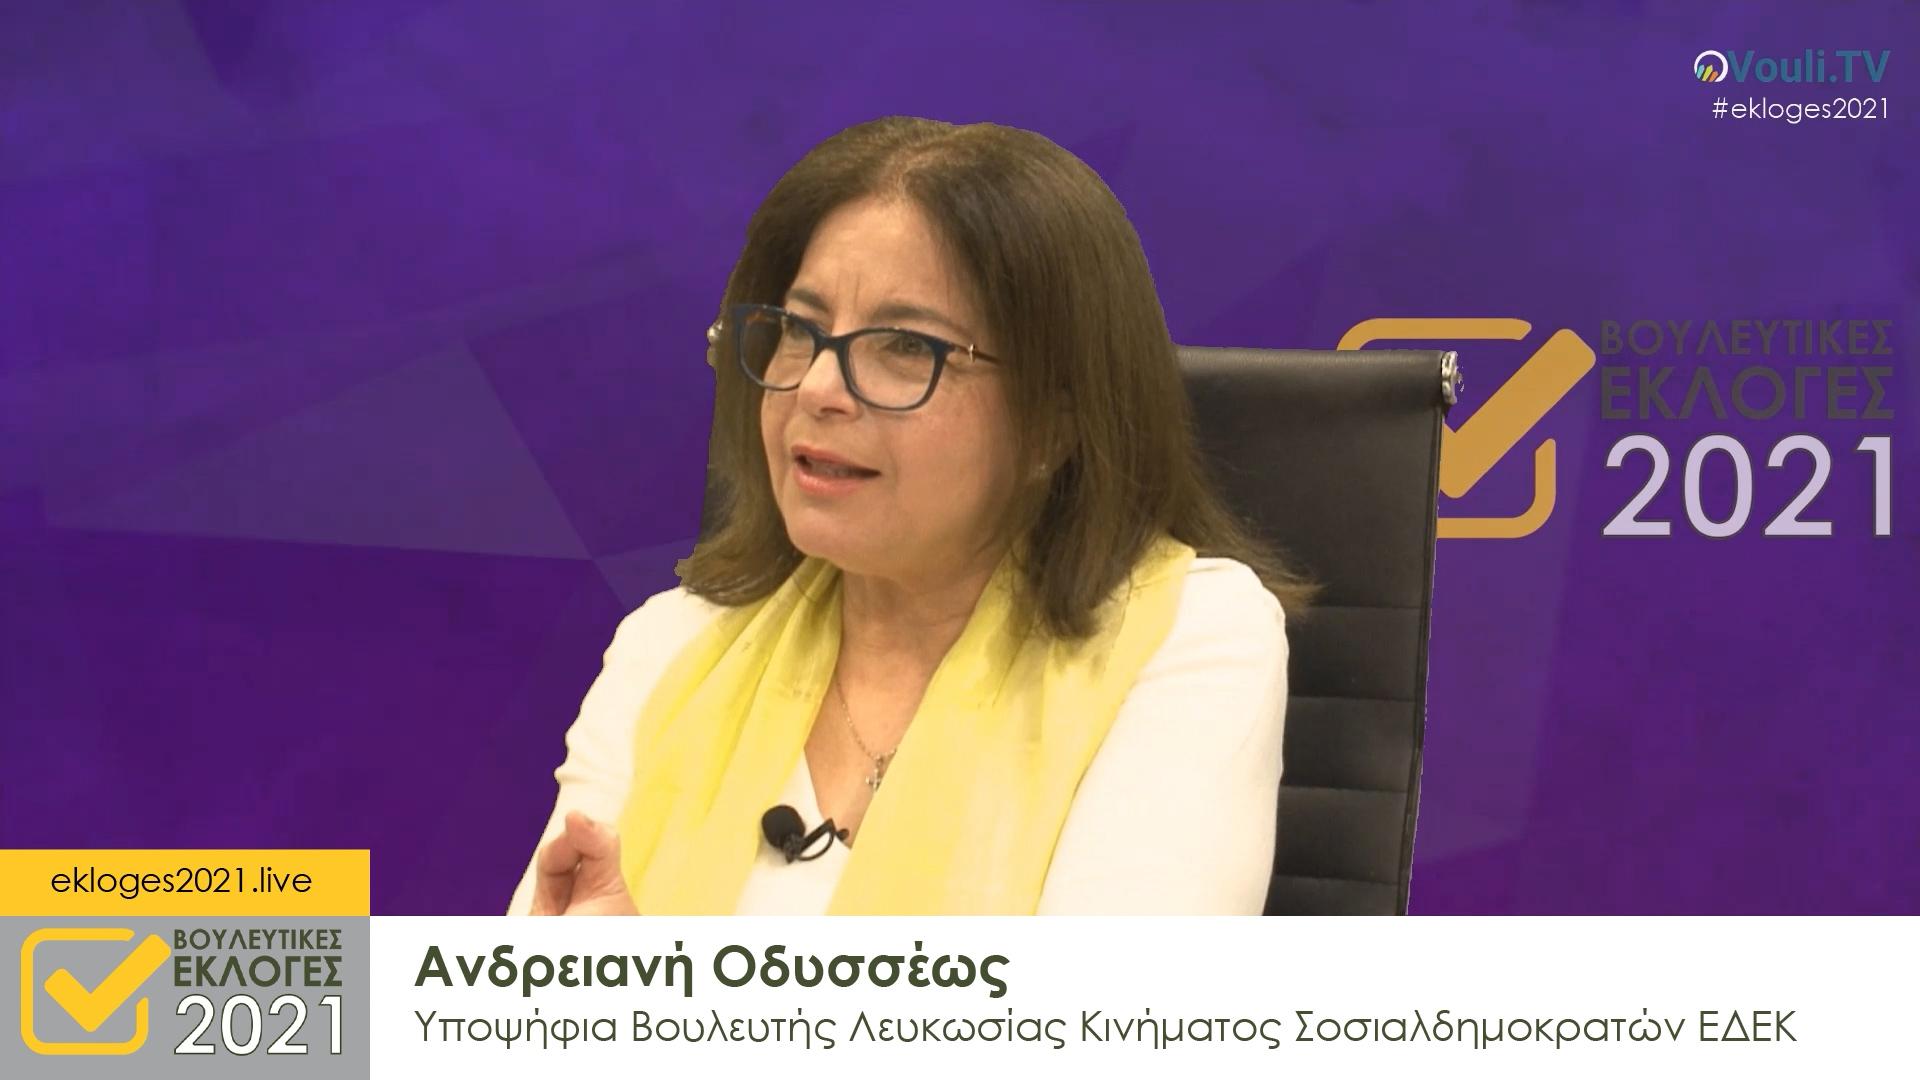 Εκλογές 2021   Ανδρειανή Οδυσσέως - 05/03/2021